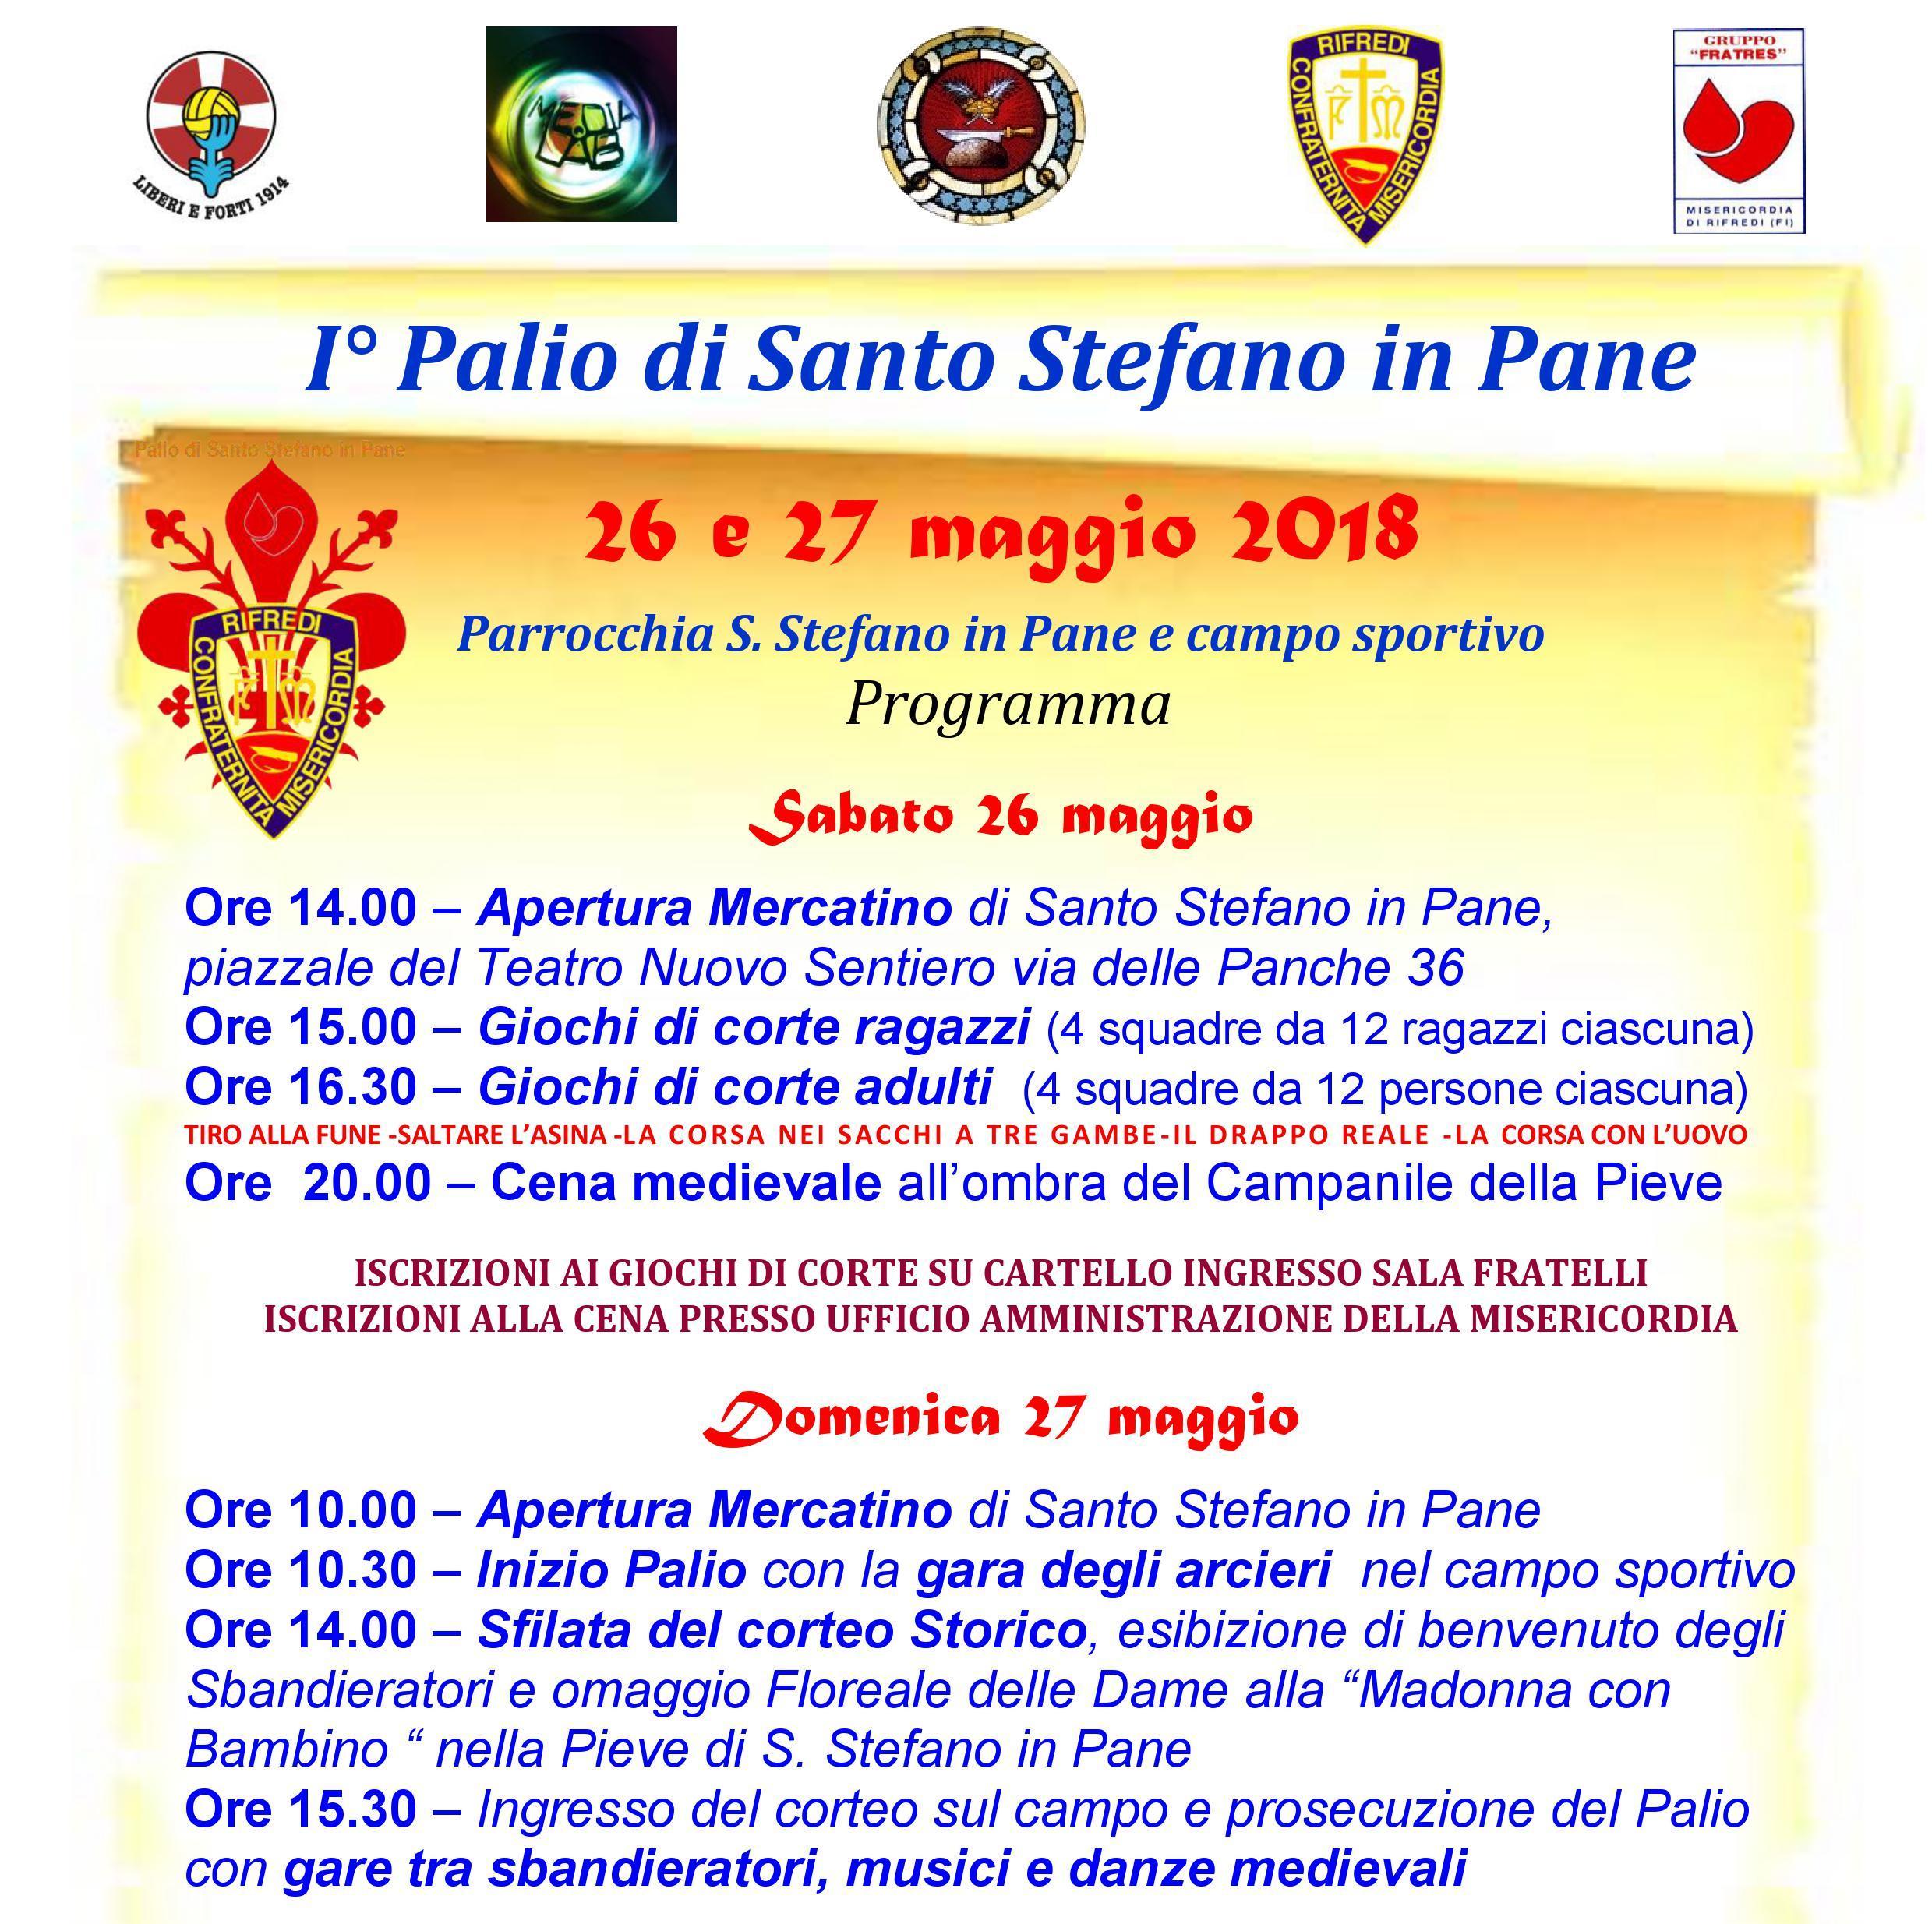 Programma Palio Santo Stefano in Pane